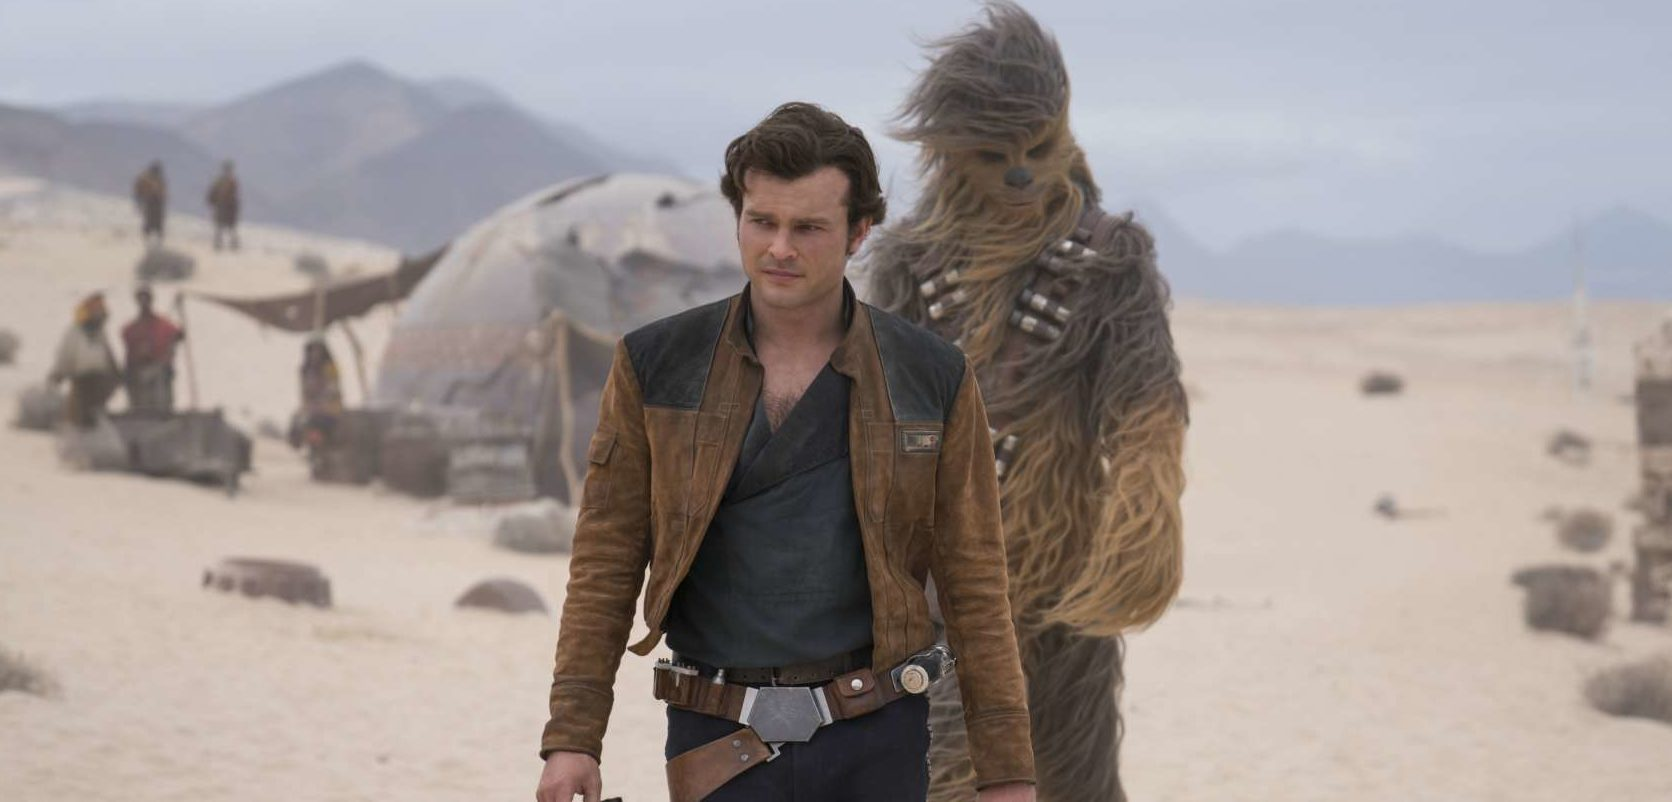 Seitenwind für Han Solo (Alden Ehrenreich) und Chewbacca (Joonas Suotamo)